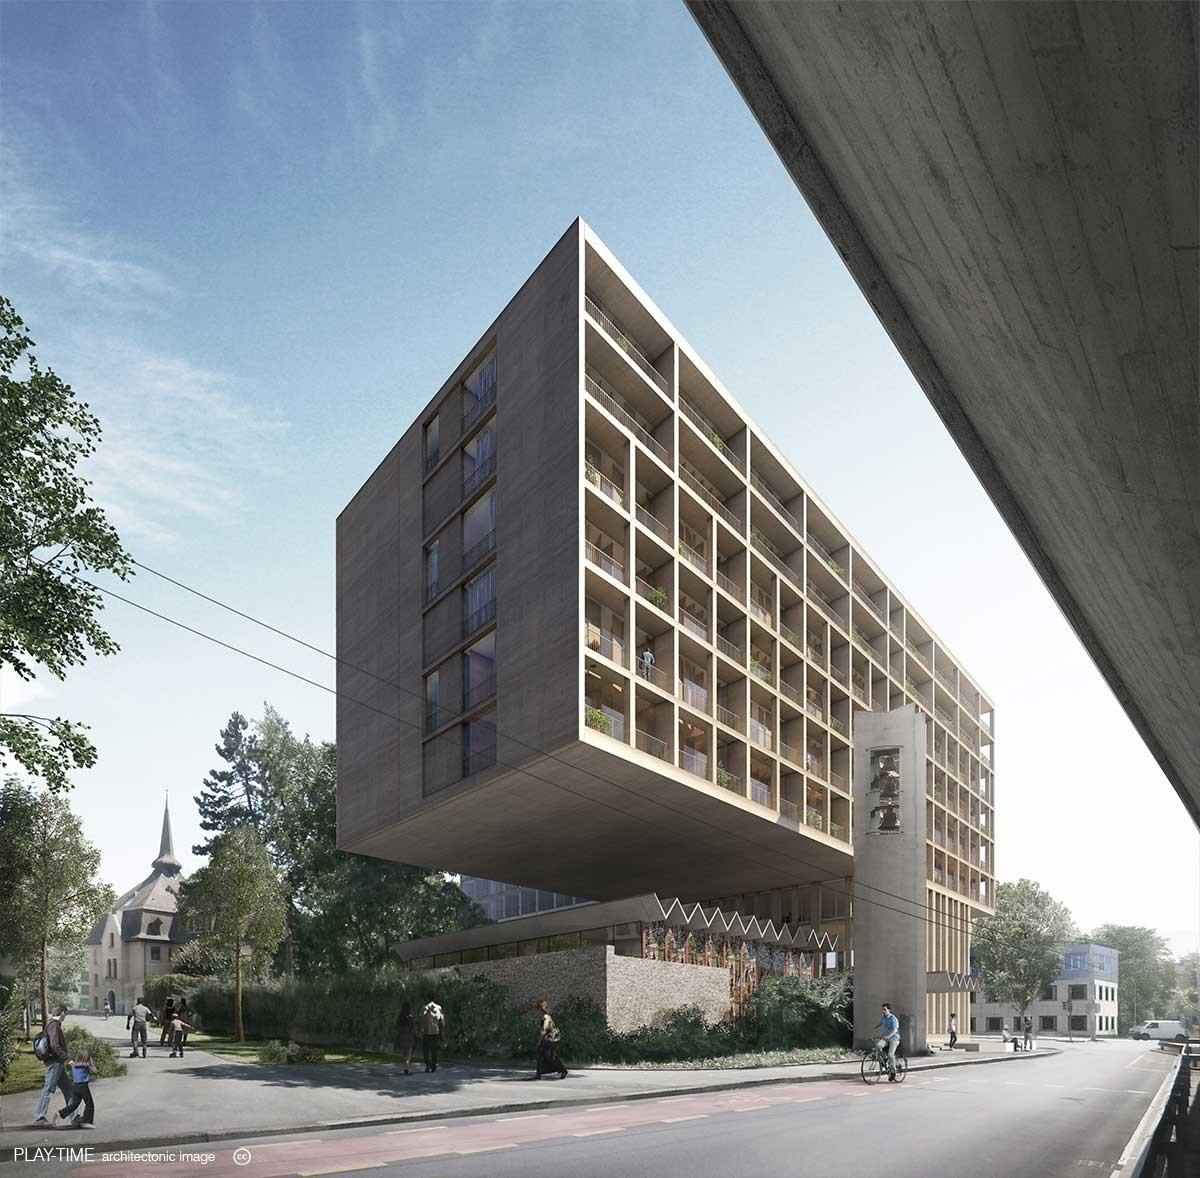 Play time architectonic image gmaa chatelaine housing switzerland 02